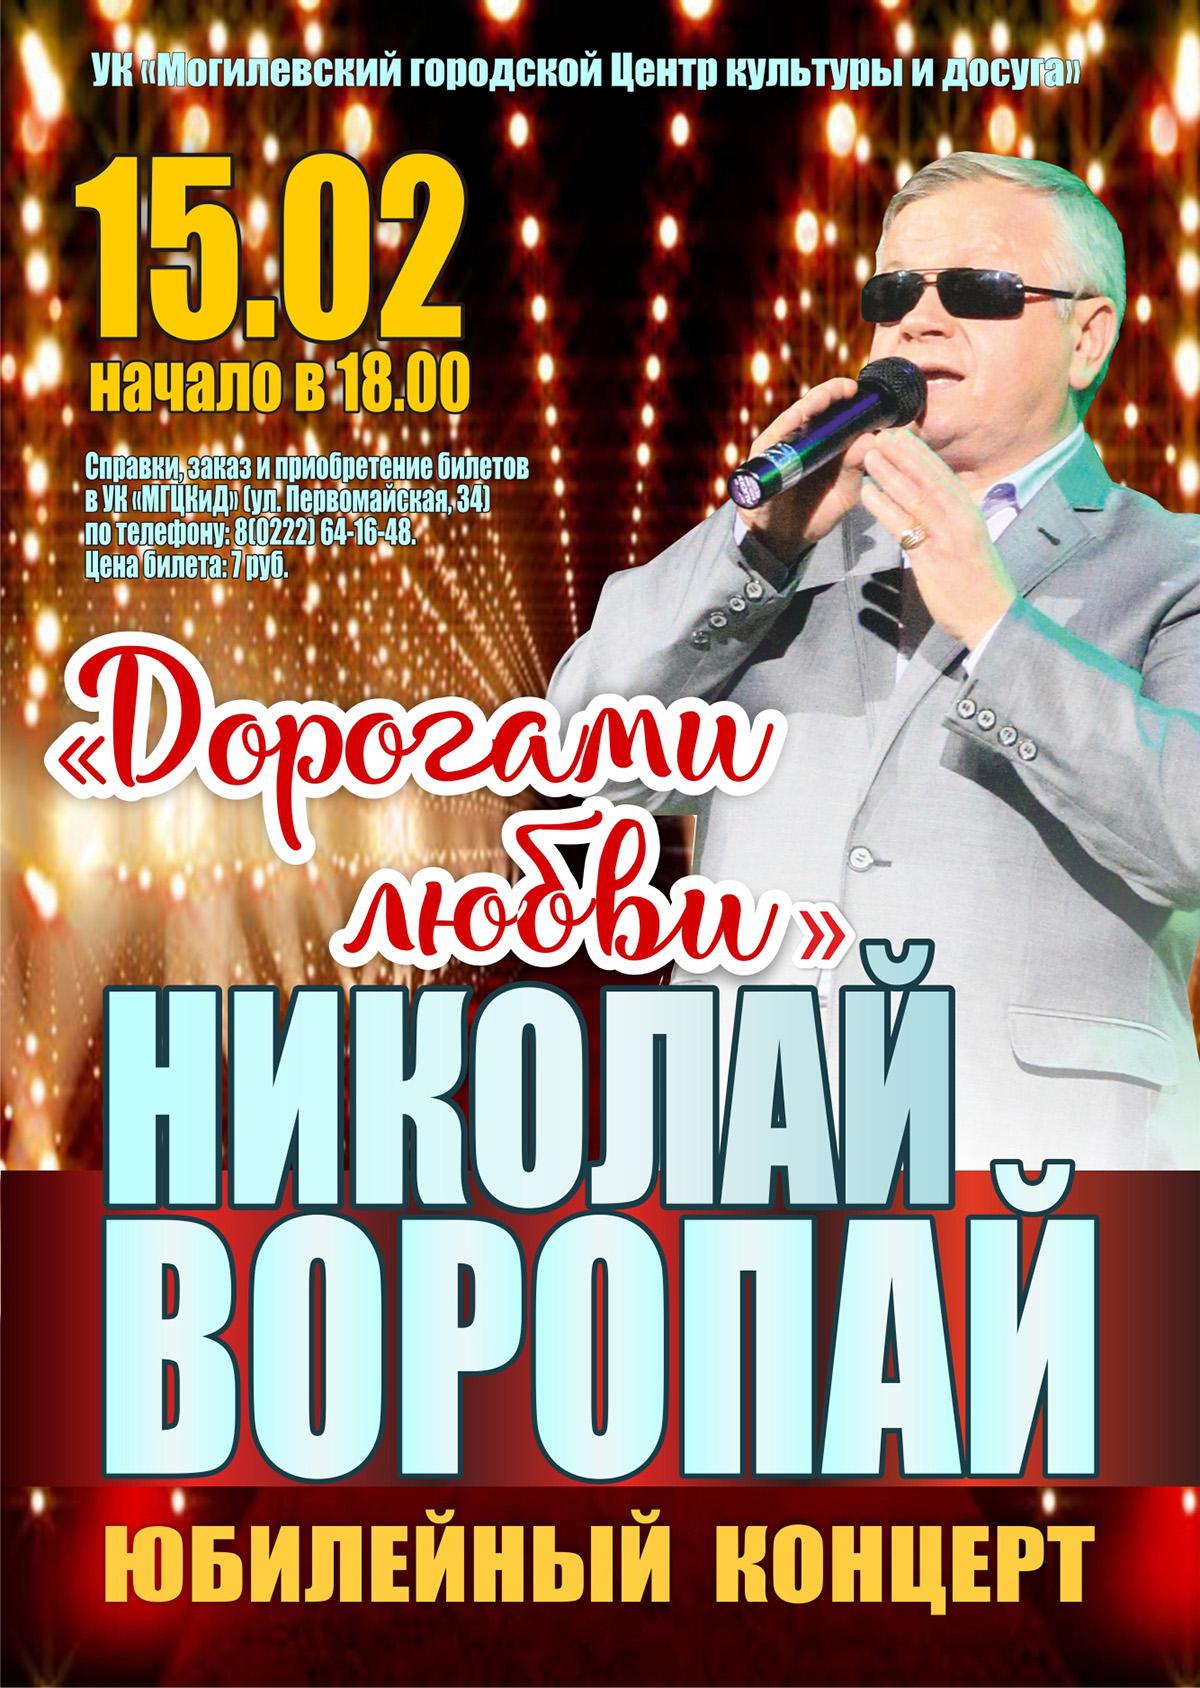 Юбилейный концерт Николая Воропая пройдет вМогилеве